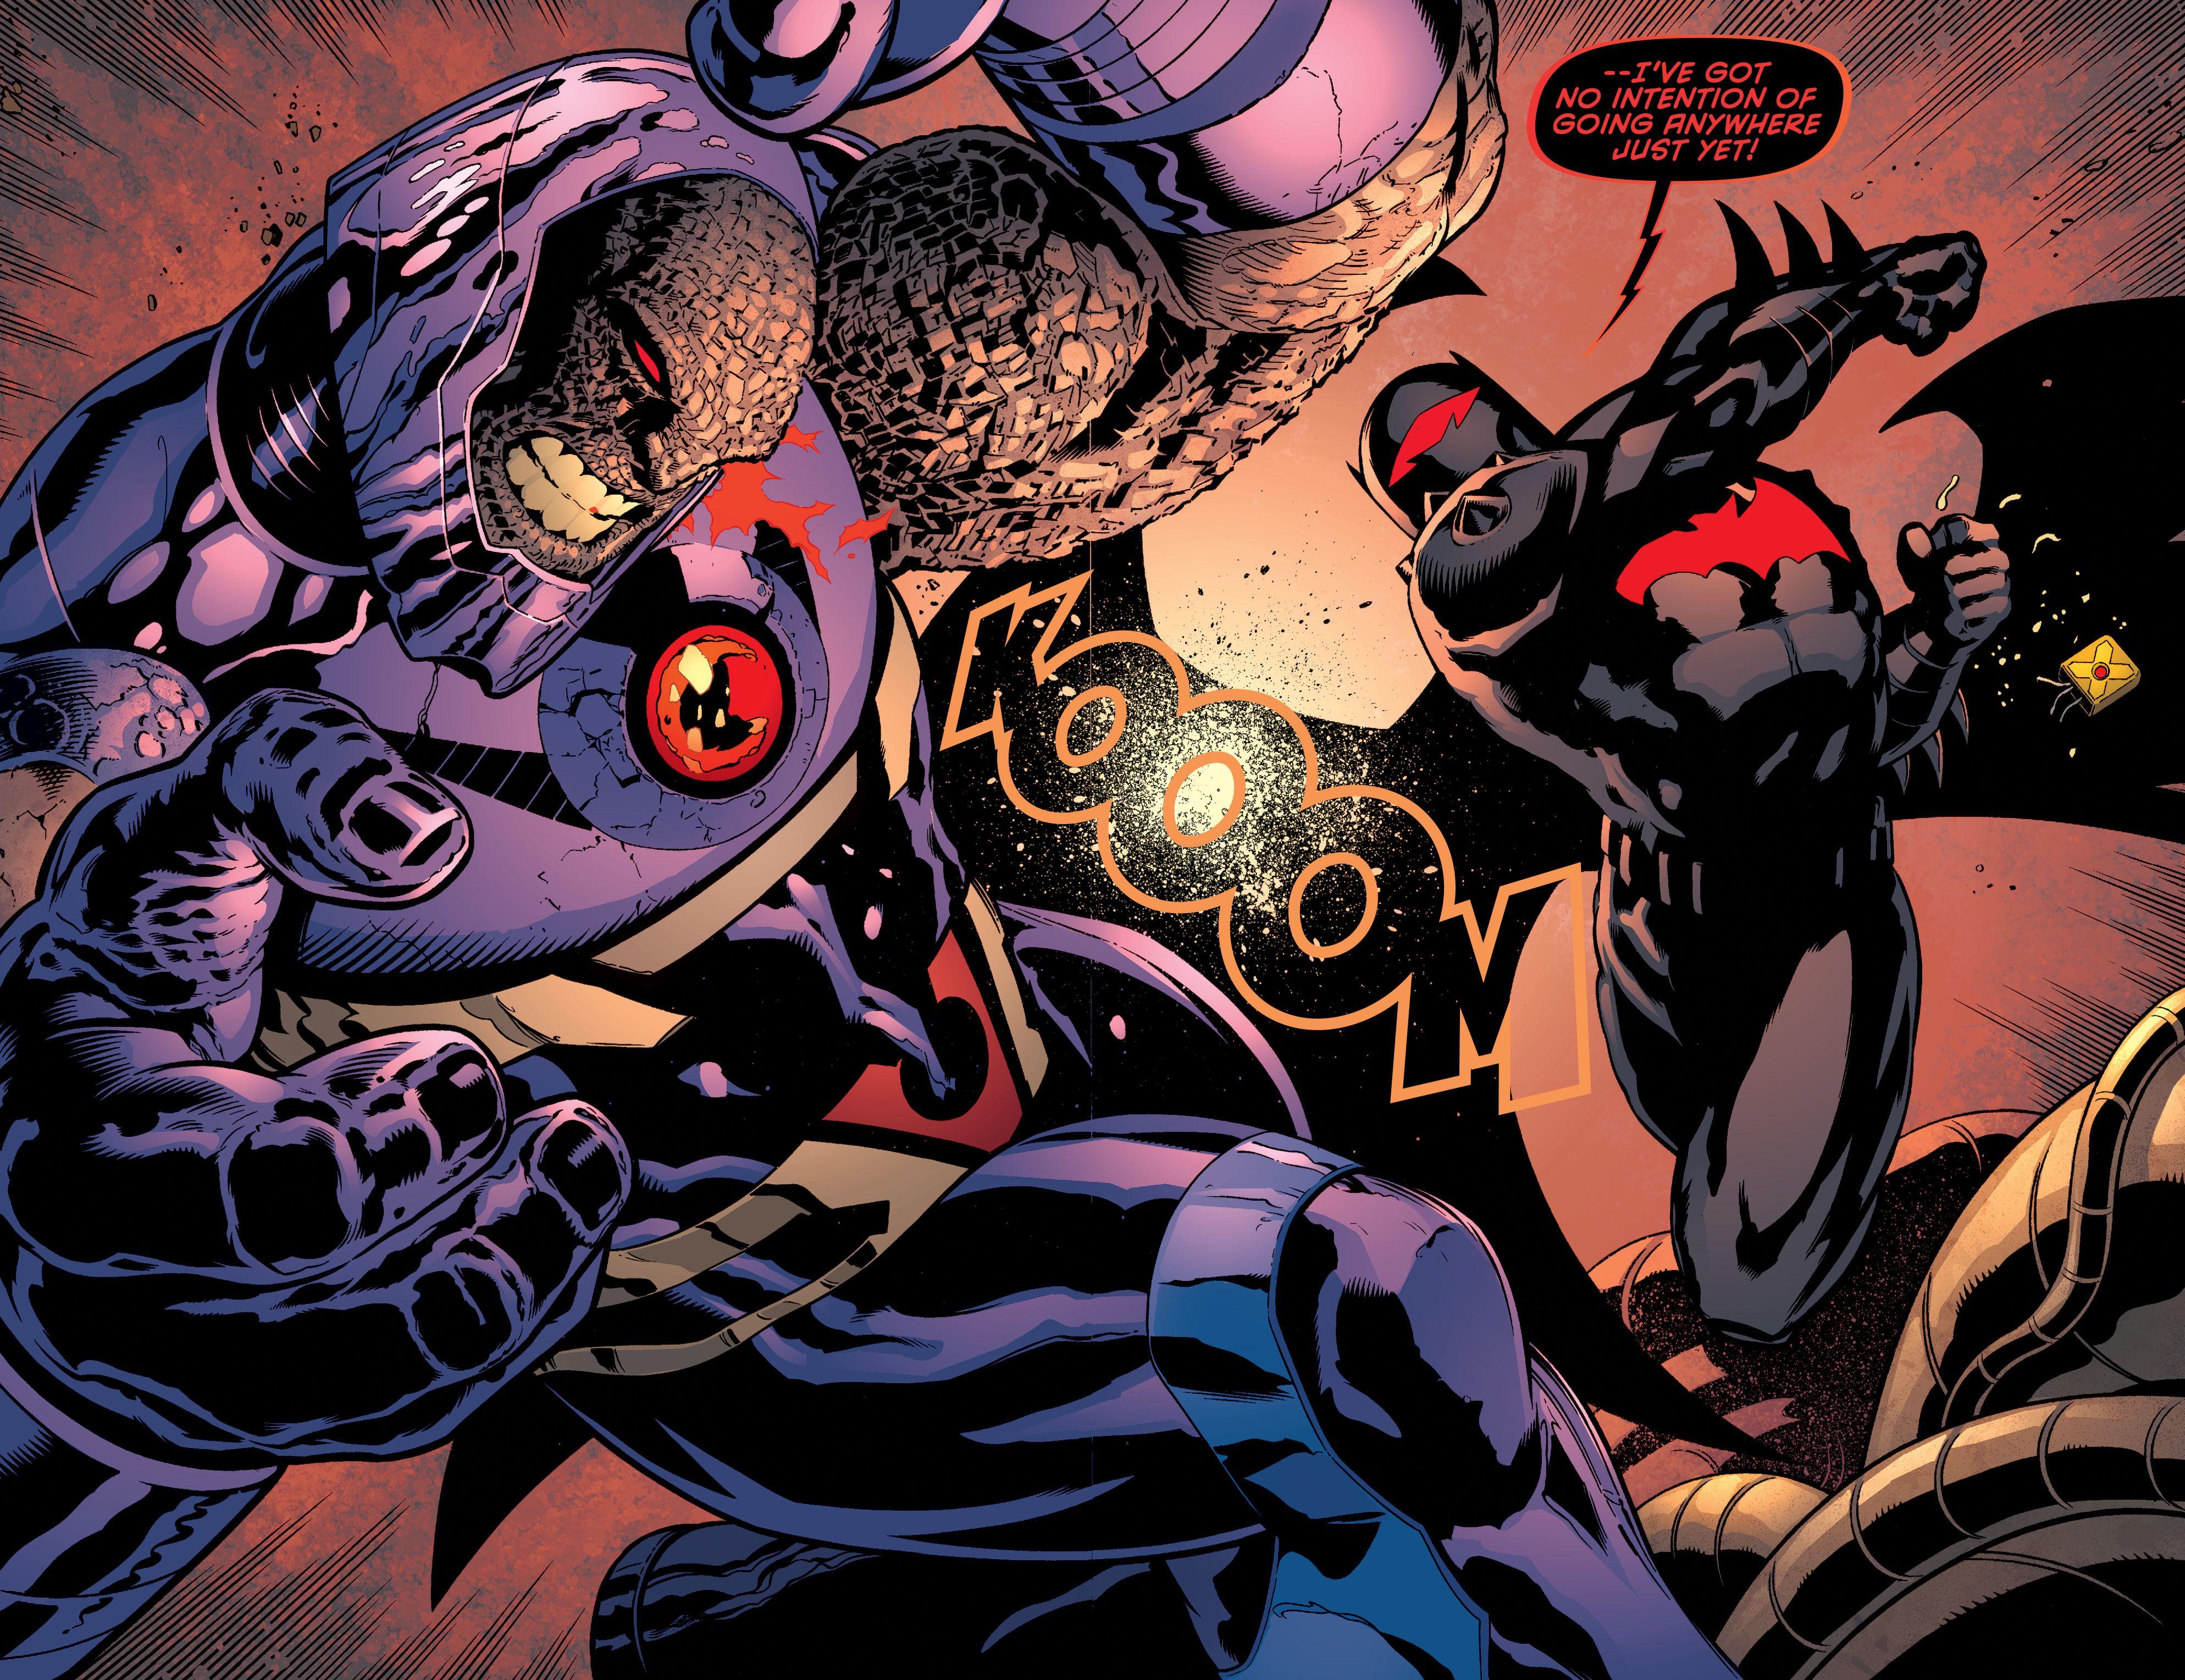 Hellbat vs. Darkseid